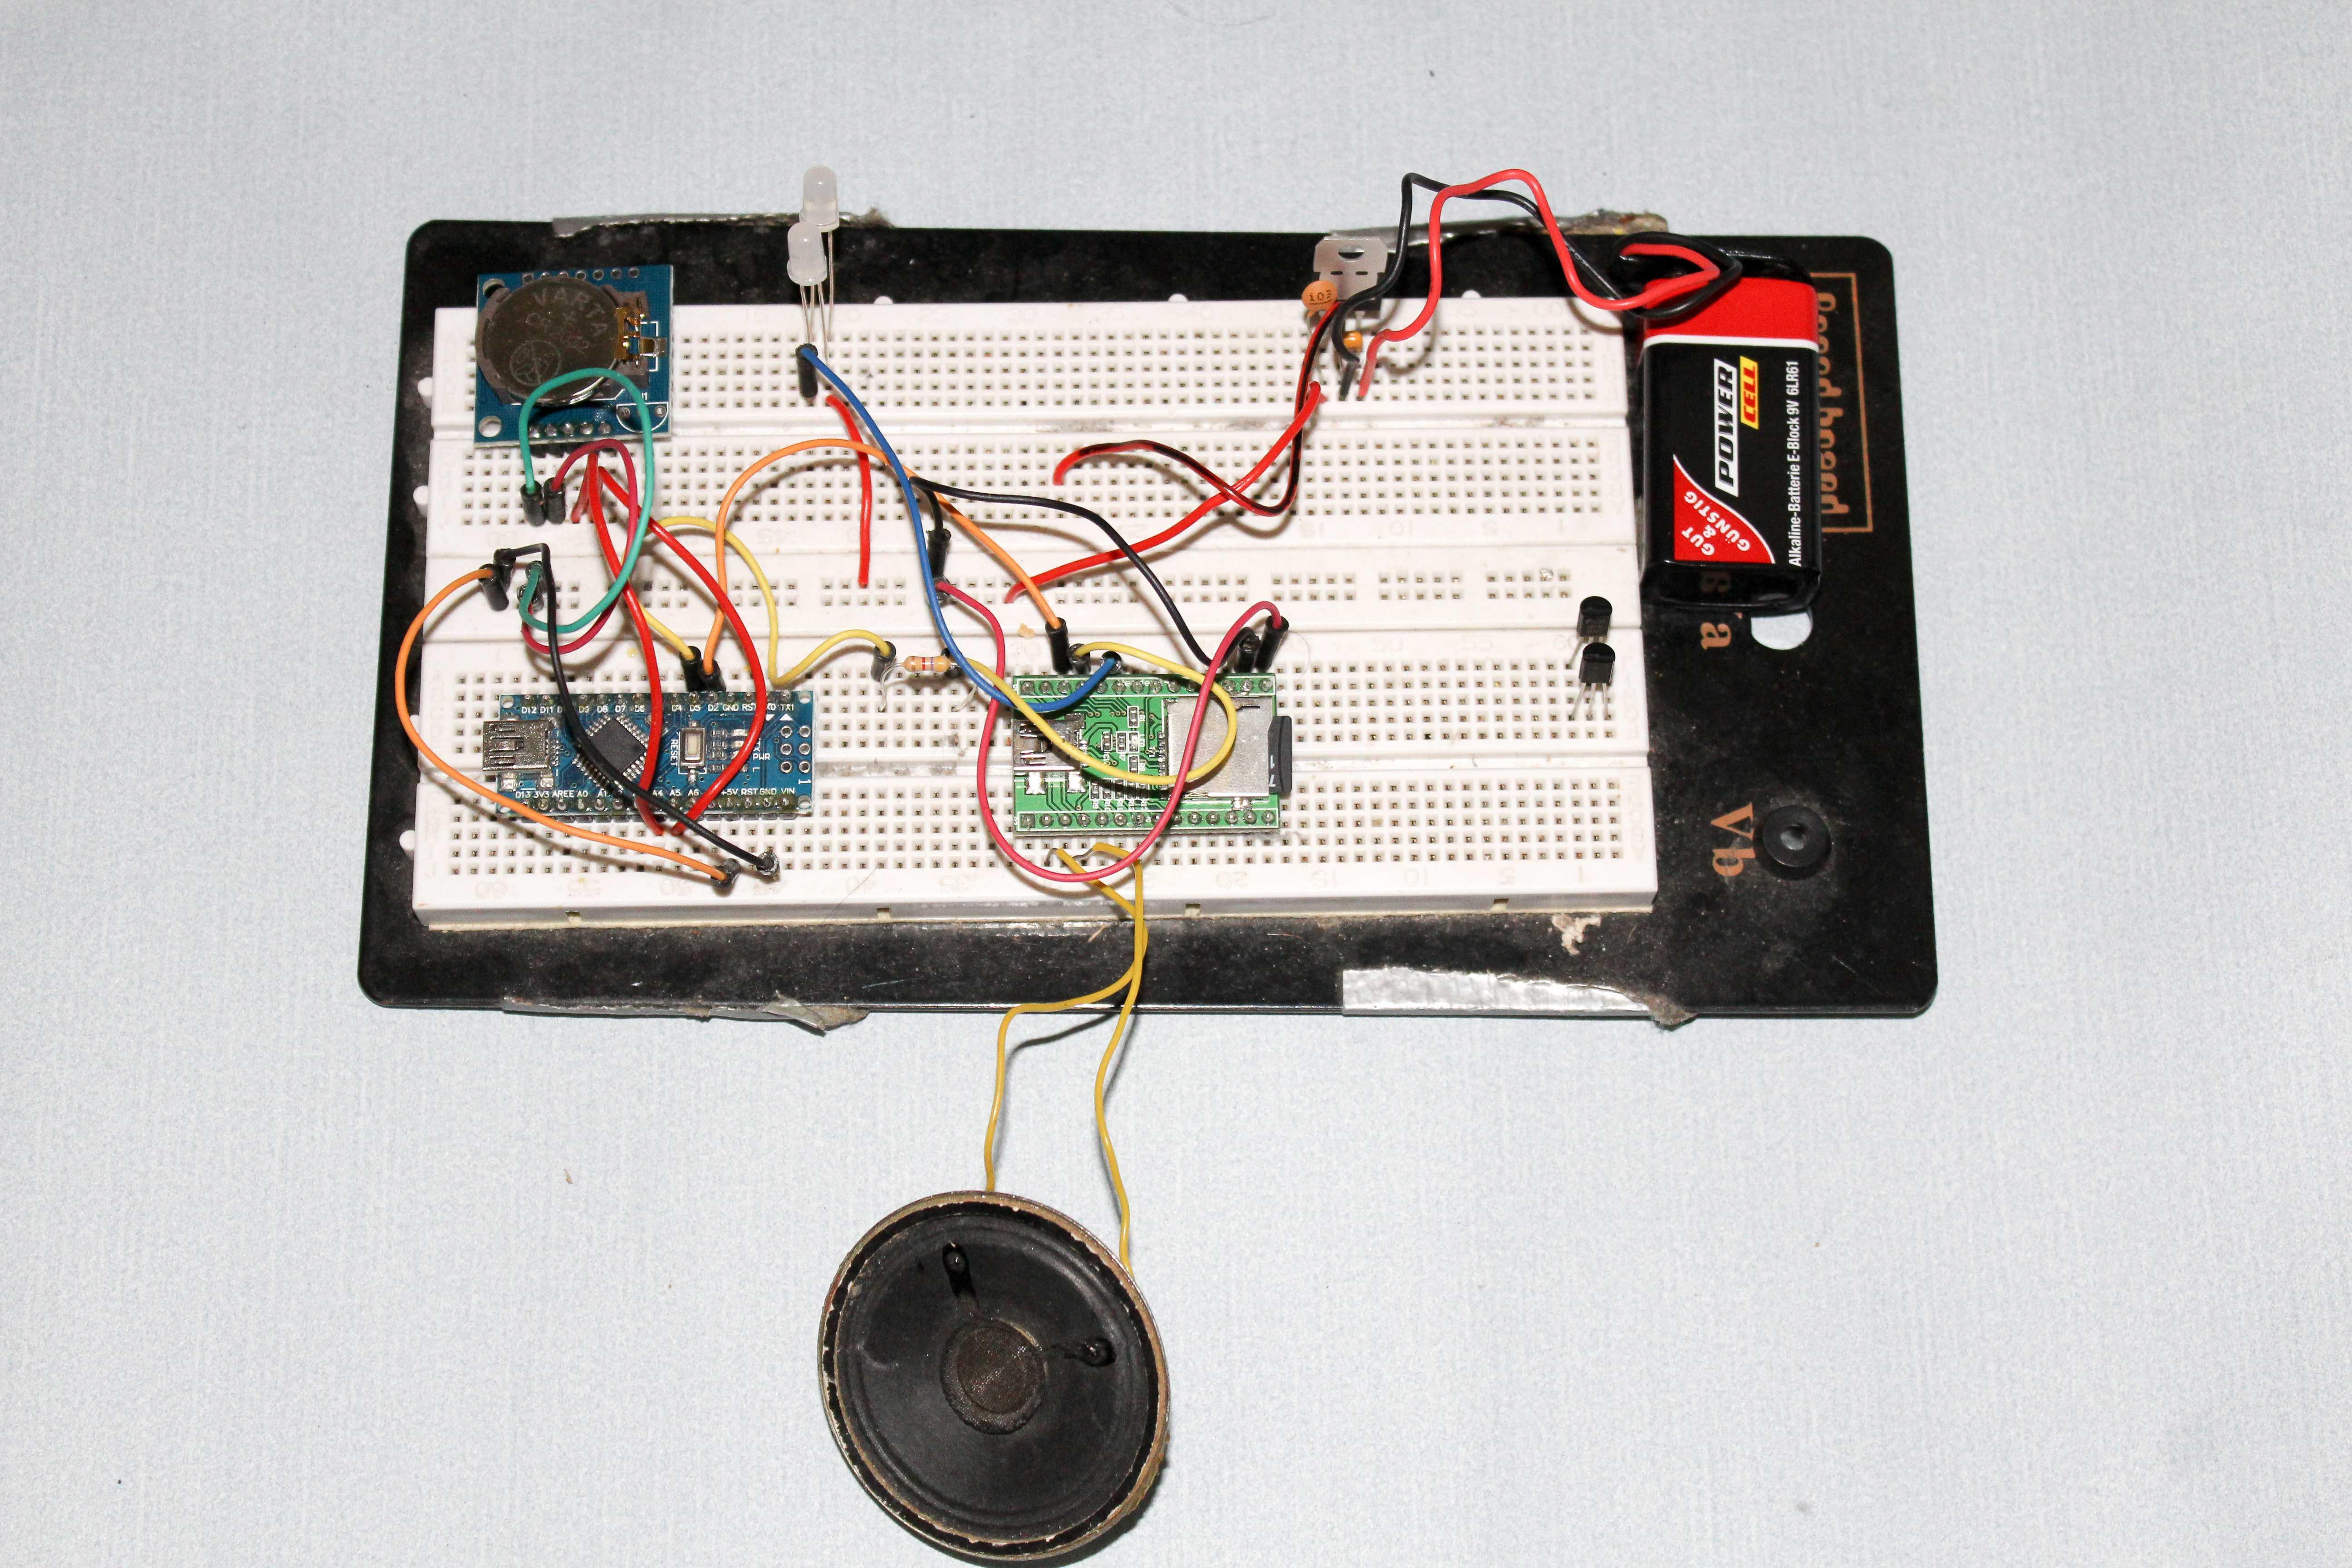 Aufbau des Audio-Adventskalenders auf der Steckplatine